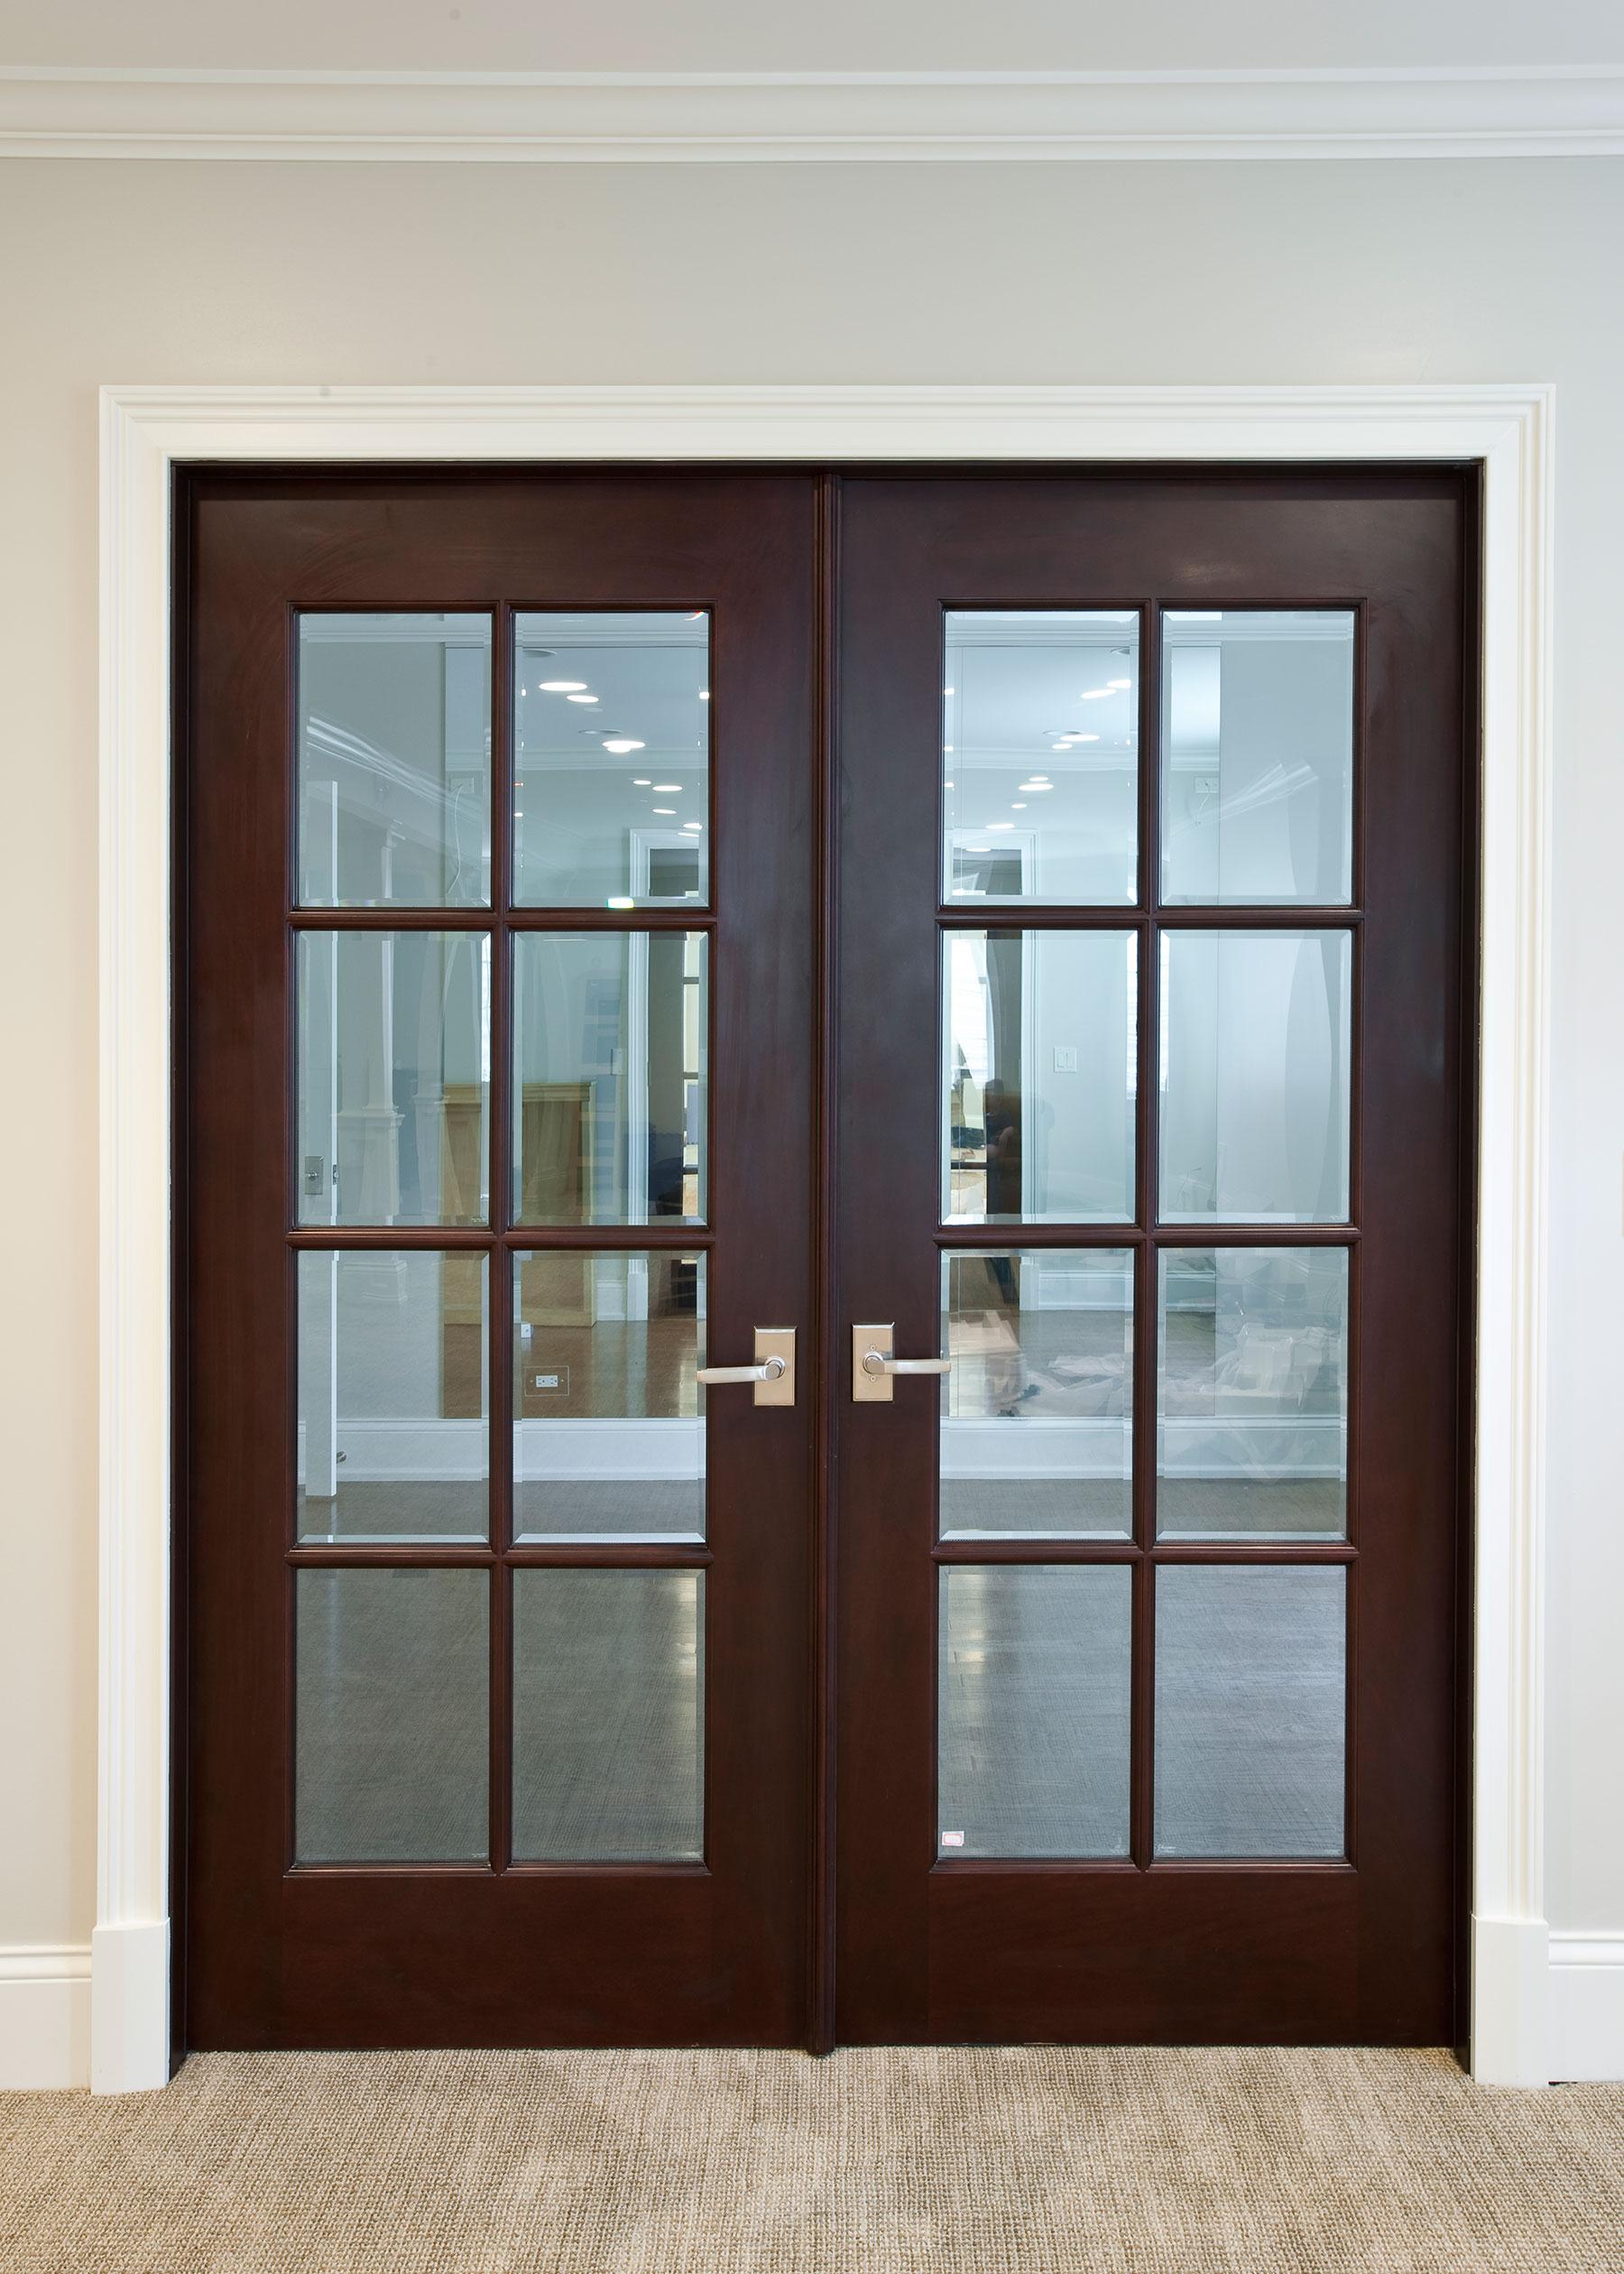 Custom Interior Beveled Glass Door Divided Grills Door Gallery In Stock And Custom Doors Pivot Doors Wine Cellar Doors Solid Wood Euro Technology Paint Grade Mdf